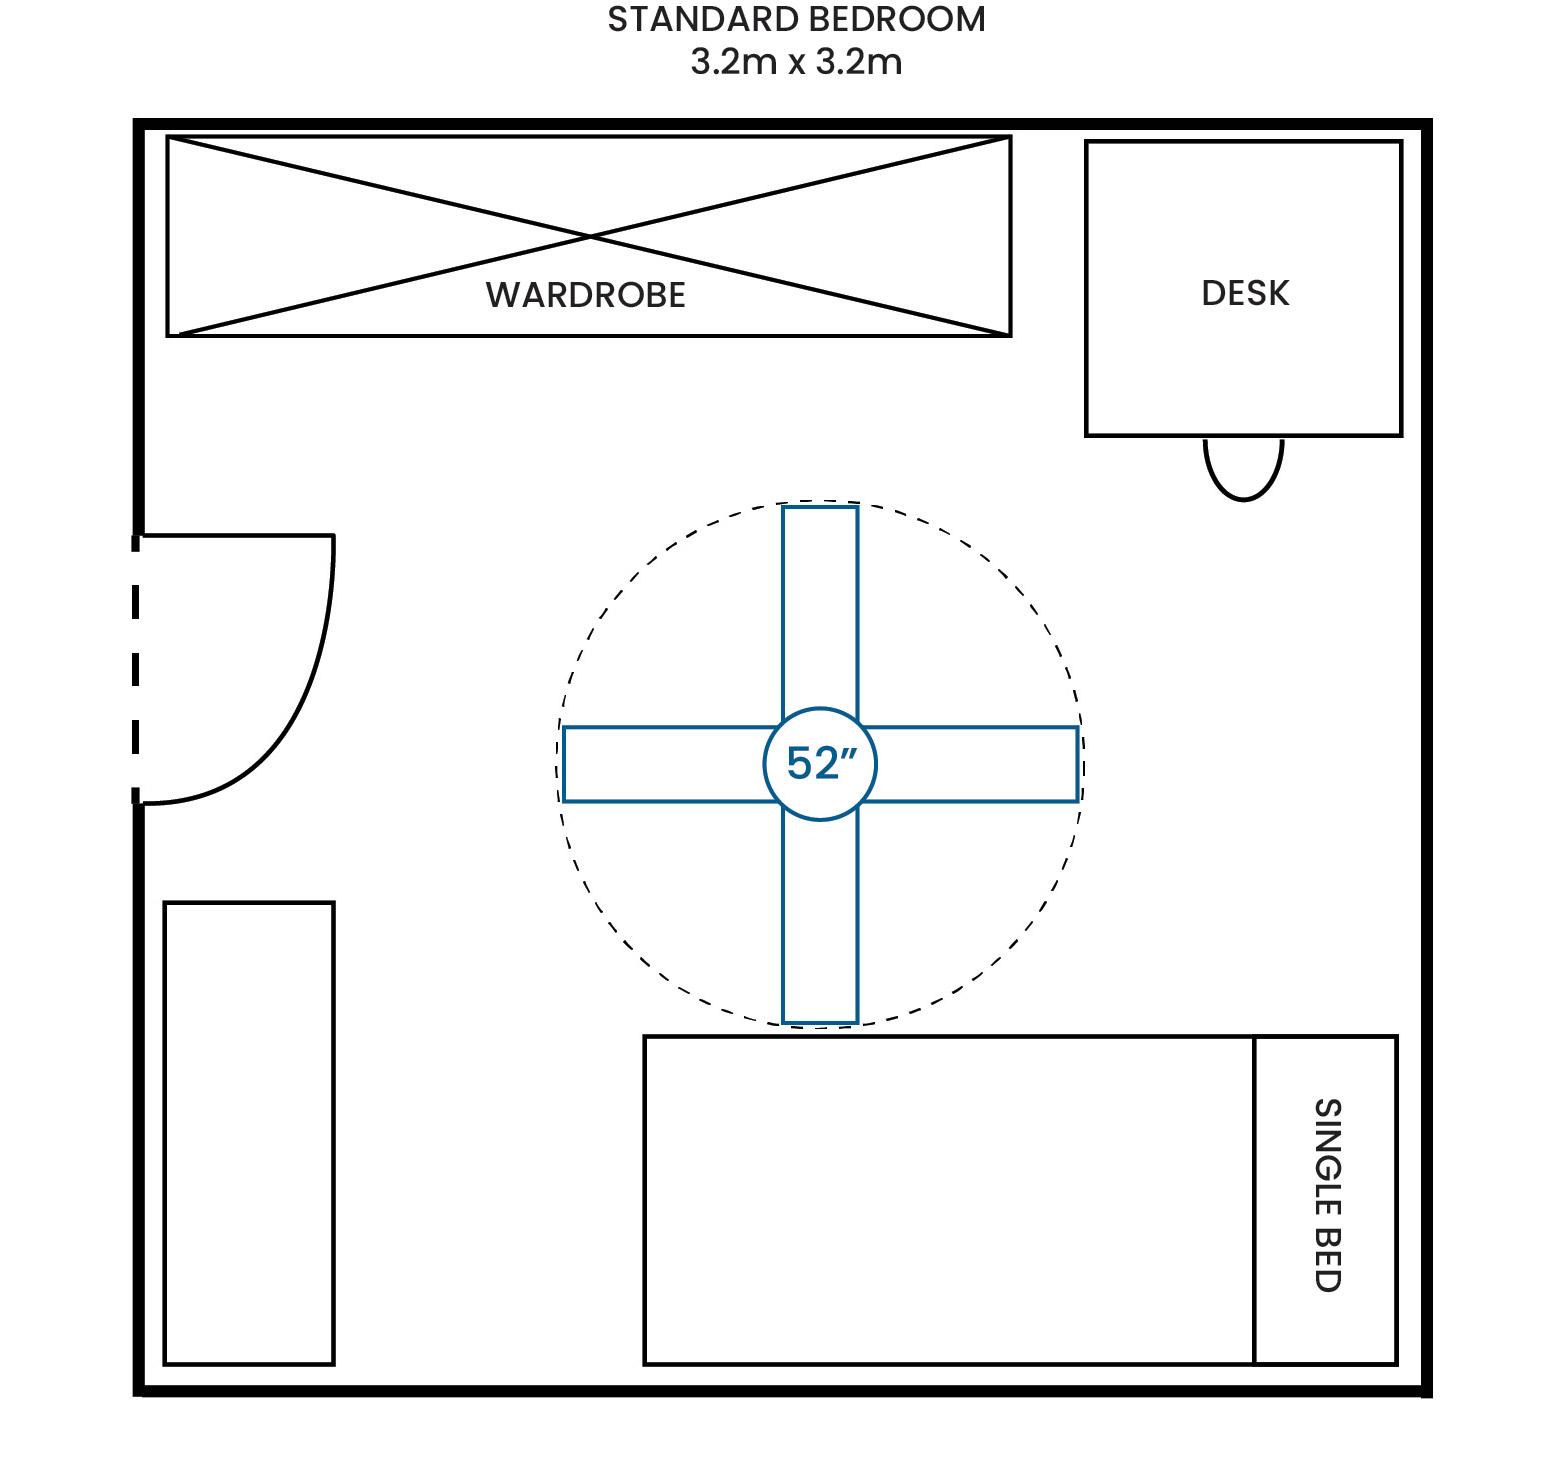 Standard Bedroom 320 320 52F